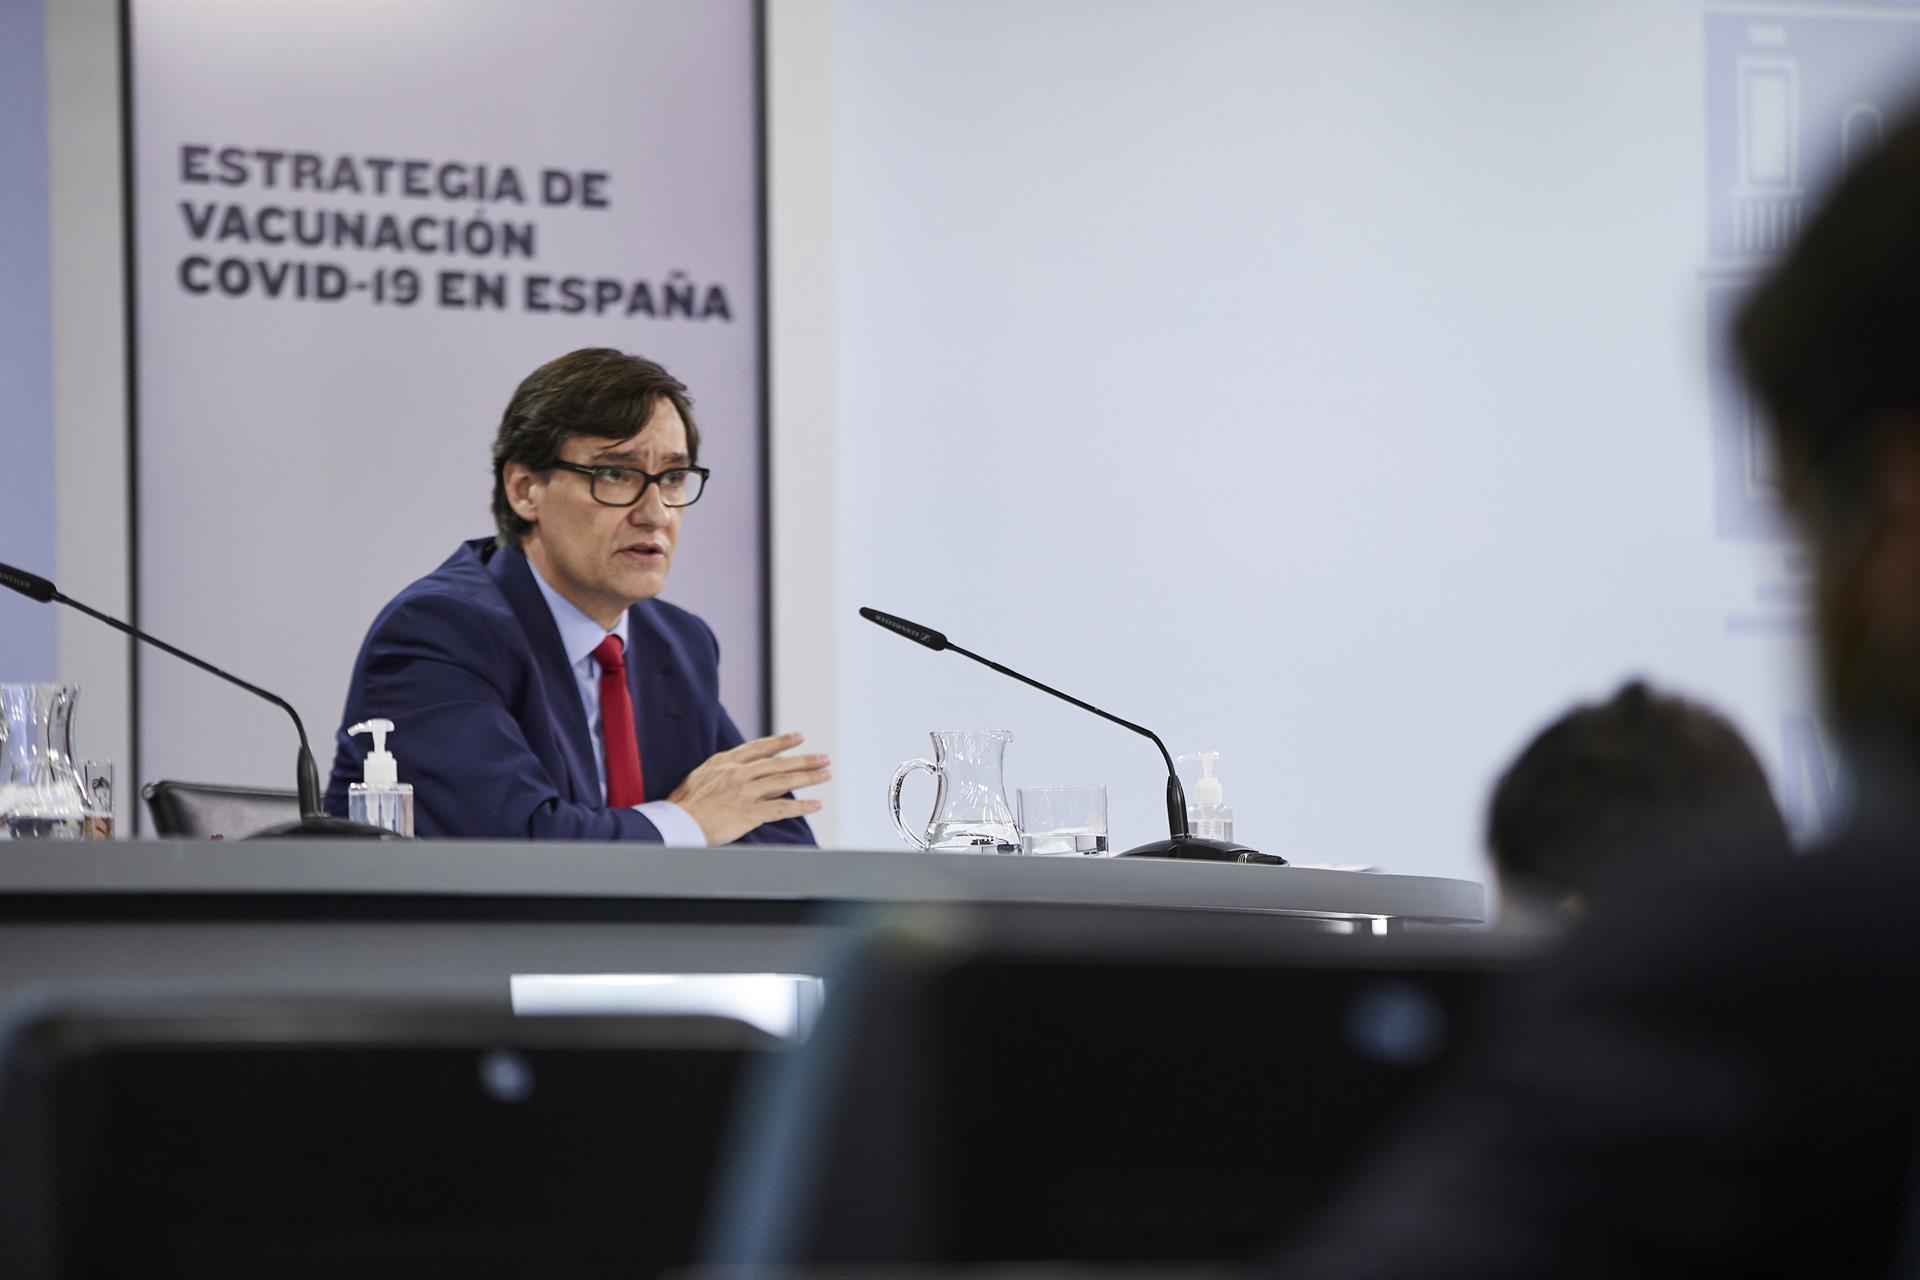 El ministro de Sanidad, Salvador Illa, interviene durante una rueda de prensa posterior al Consejo de Ministros celebrado en Moncloa Foto J. Hellín. POOL – Europa Press